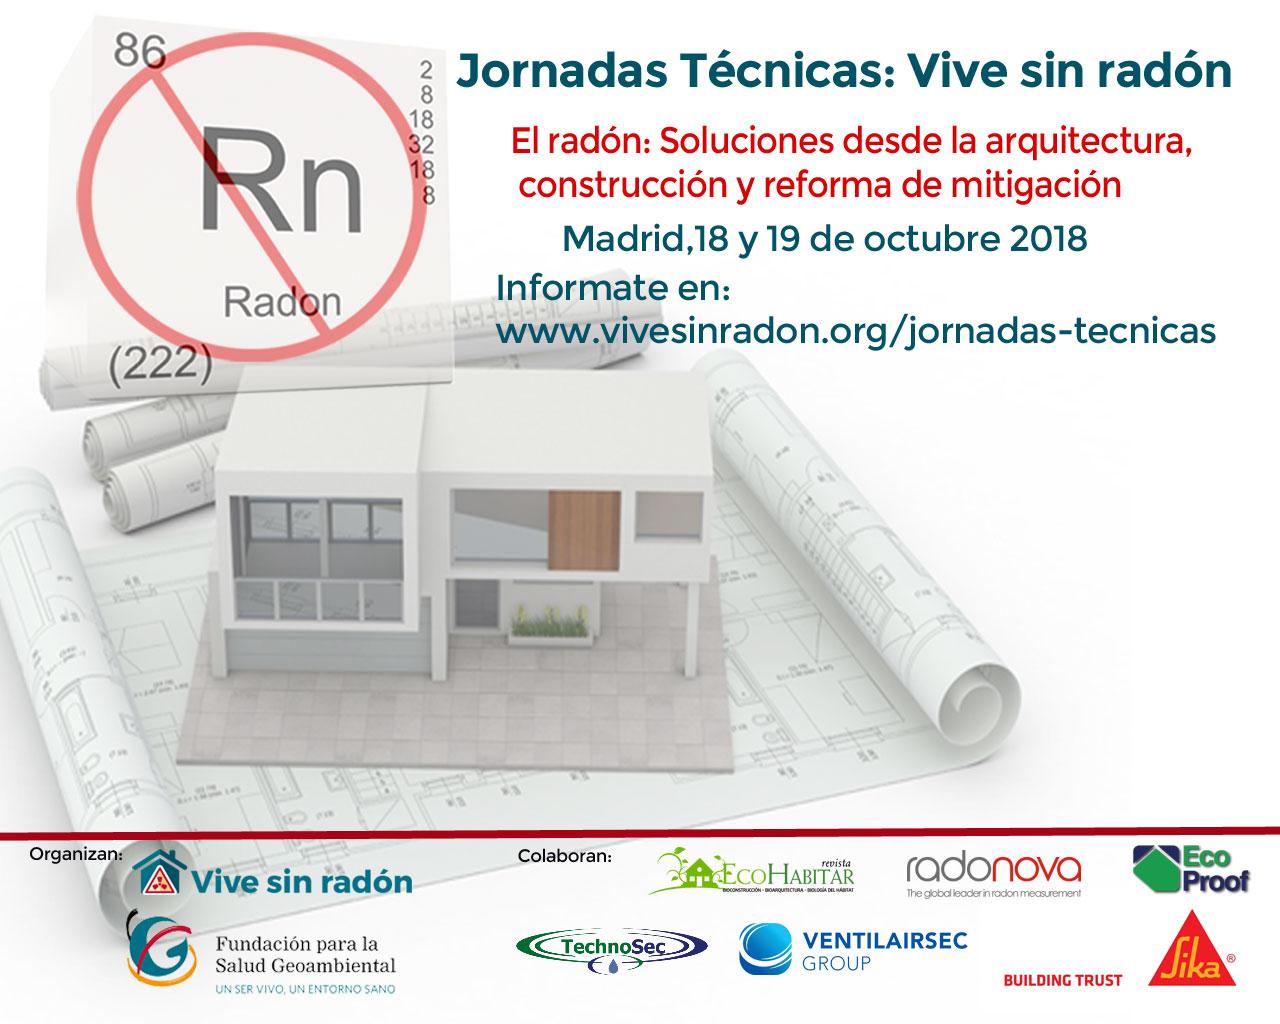 Jornadas técnicas radón